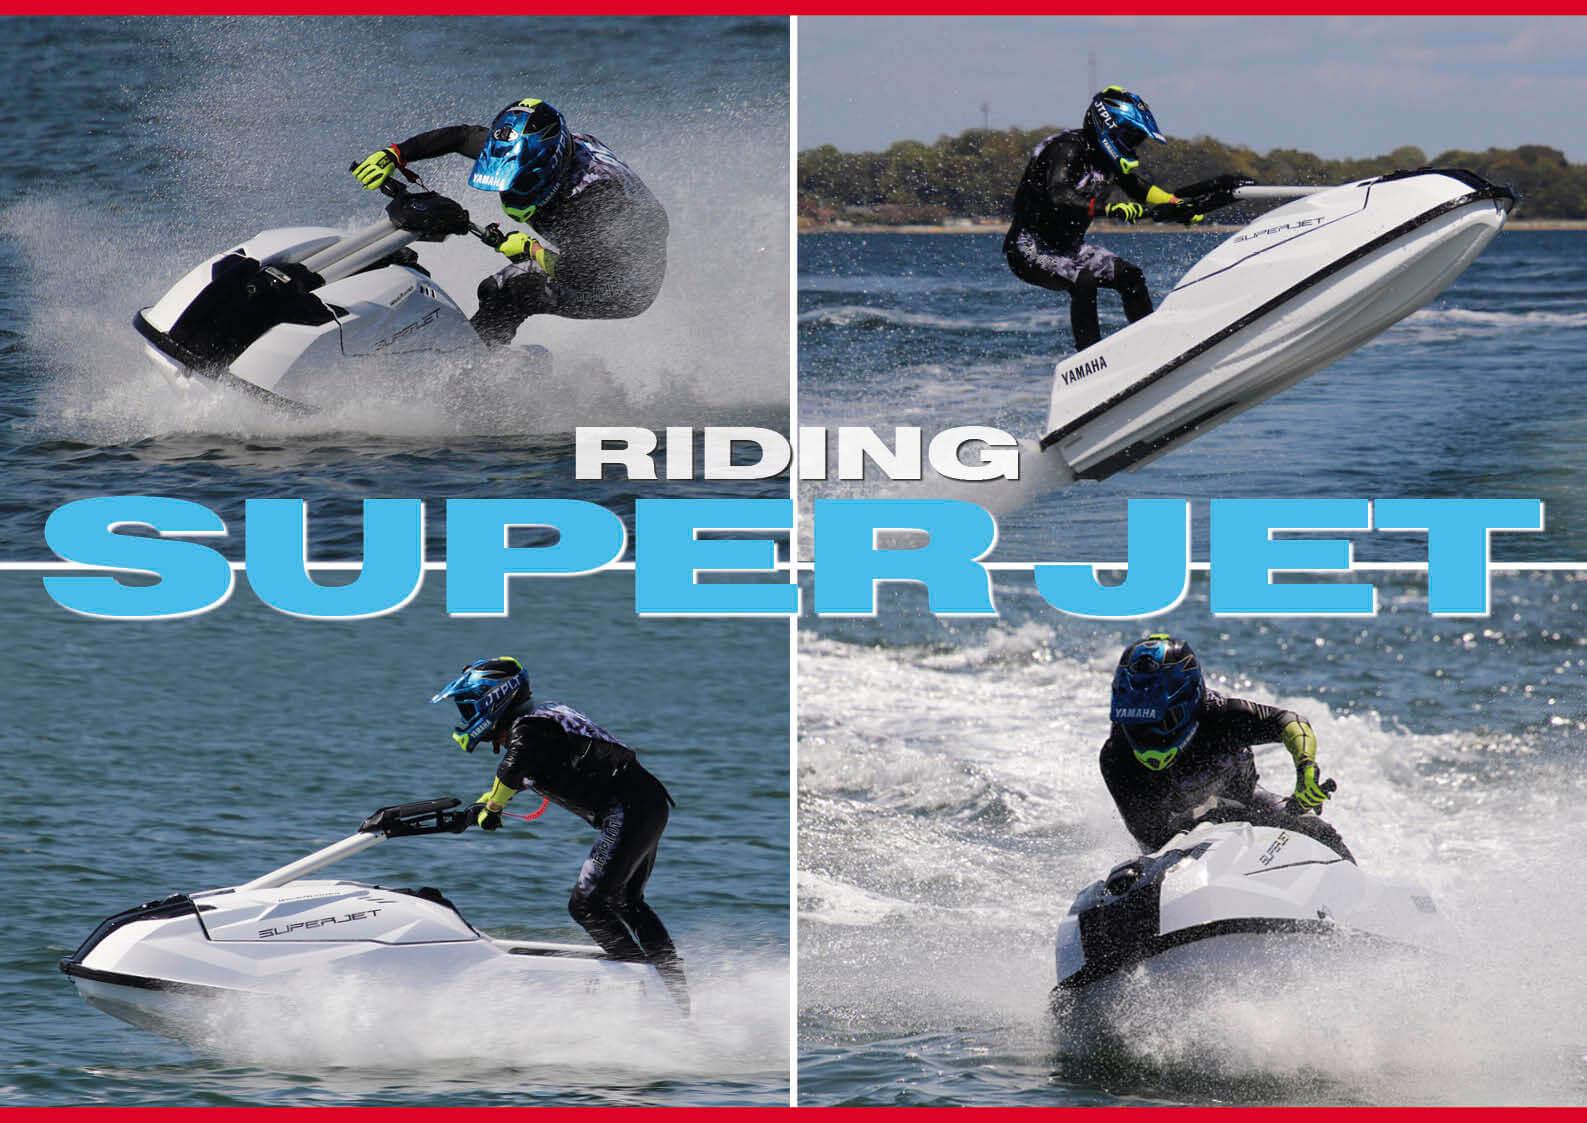 ②   2021 YAMAHA(ヤマハ) Super Jet(スーパージェット) スーパージェット開発秘話と歴史を紹介 水上バイク(ジェットスキー)